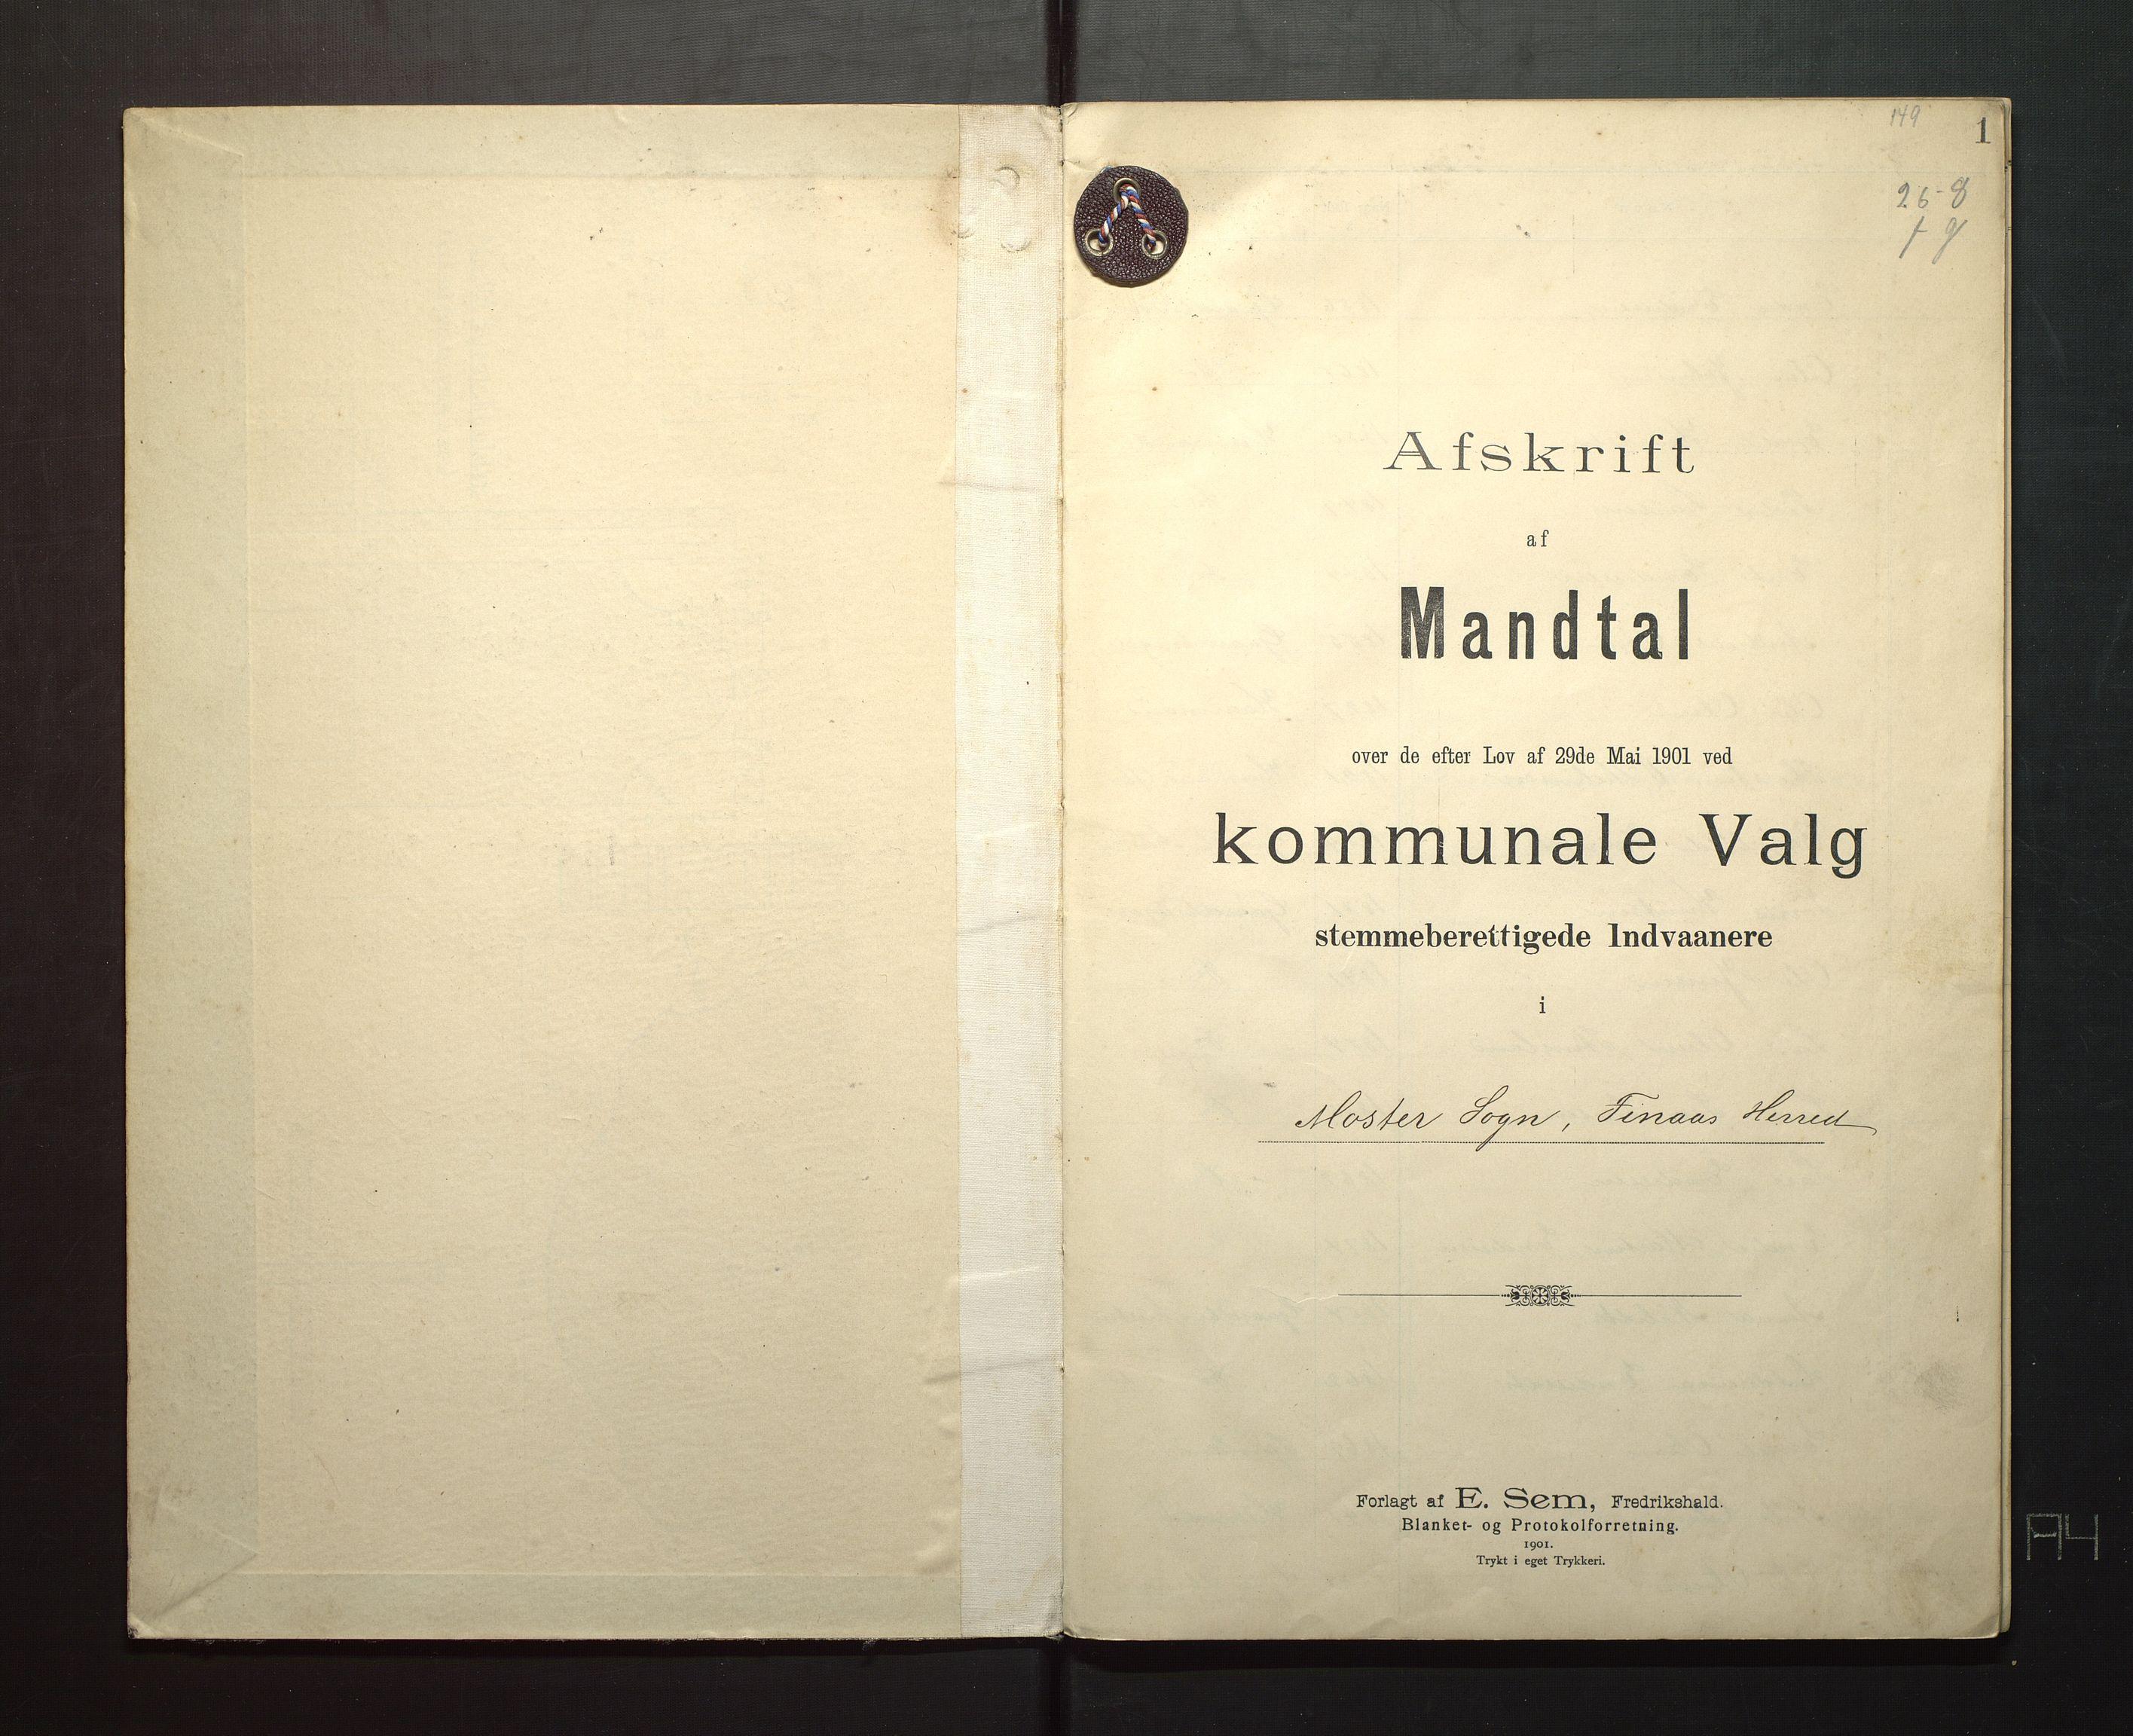 IKAH, Finnaas kommune. Valstyret, F/Fa/L0003: Manntal over røysteføre i Moster sokn, 1901, p. 1